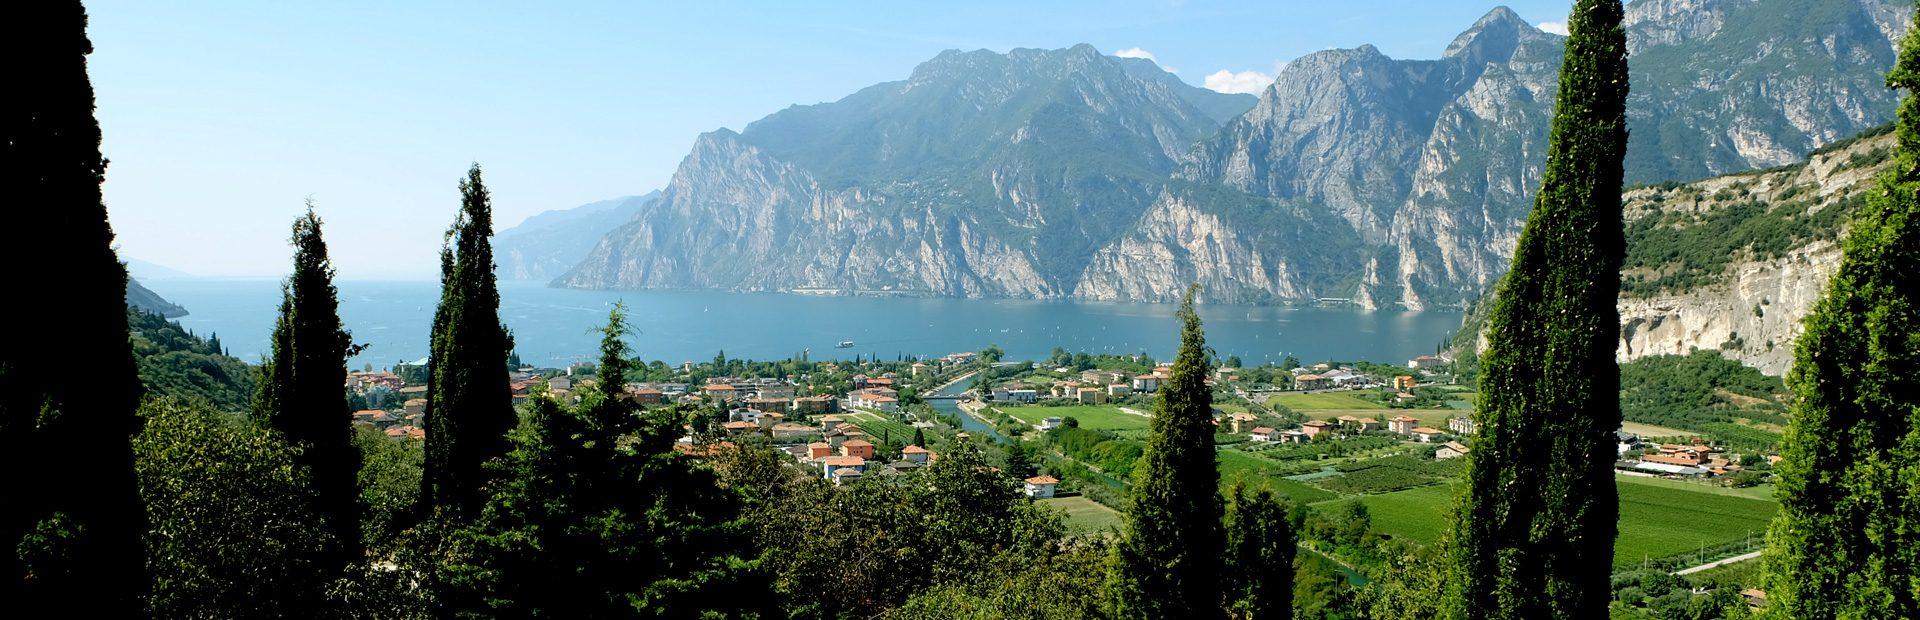 Traumhafte Landschaften im Norditalien Urlaub erleben